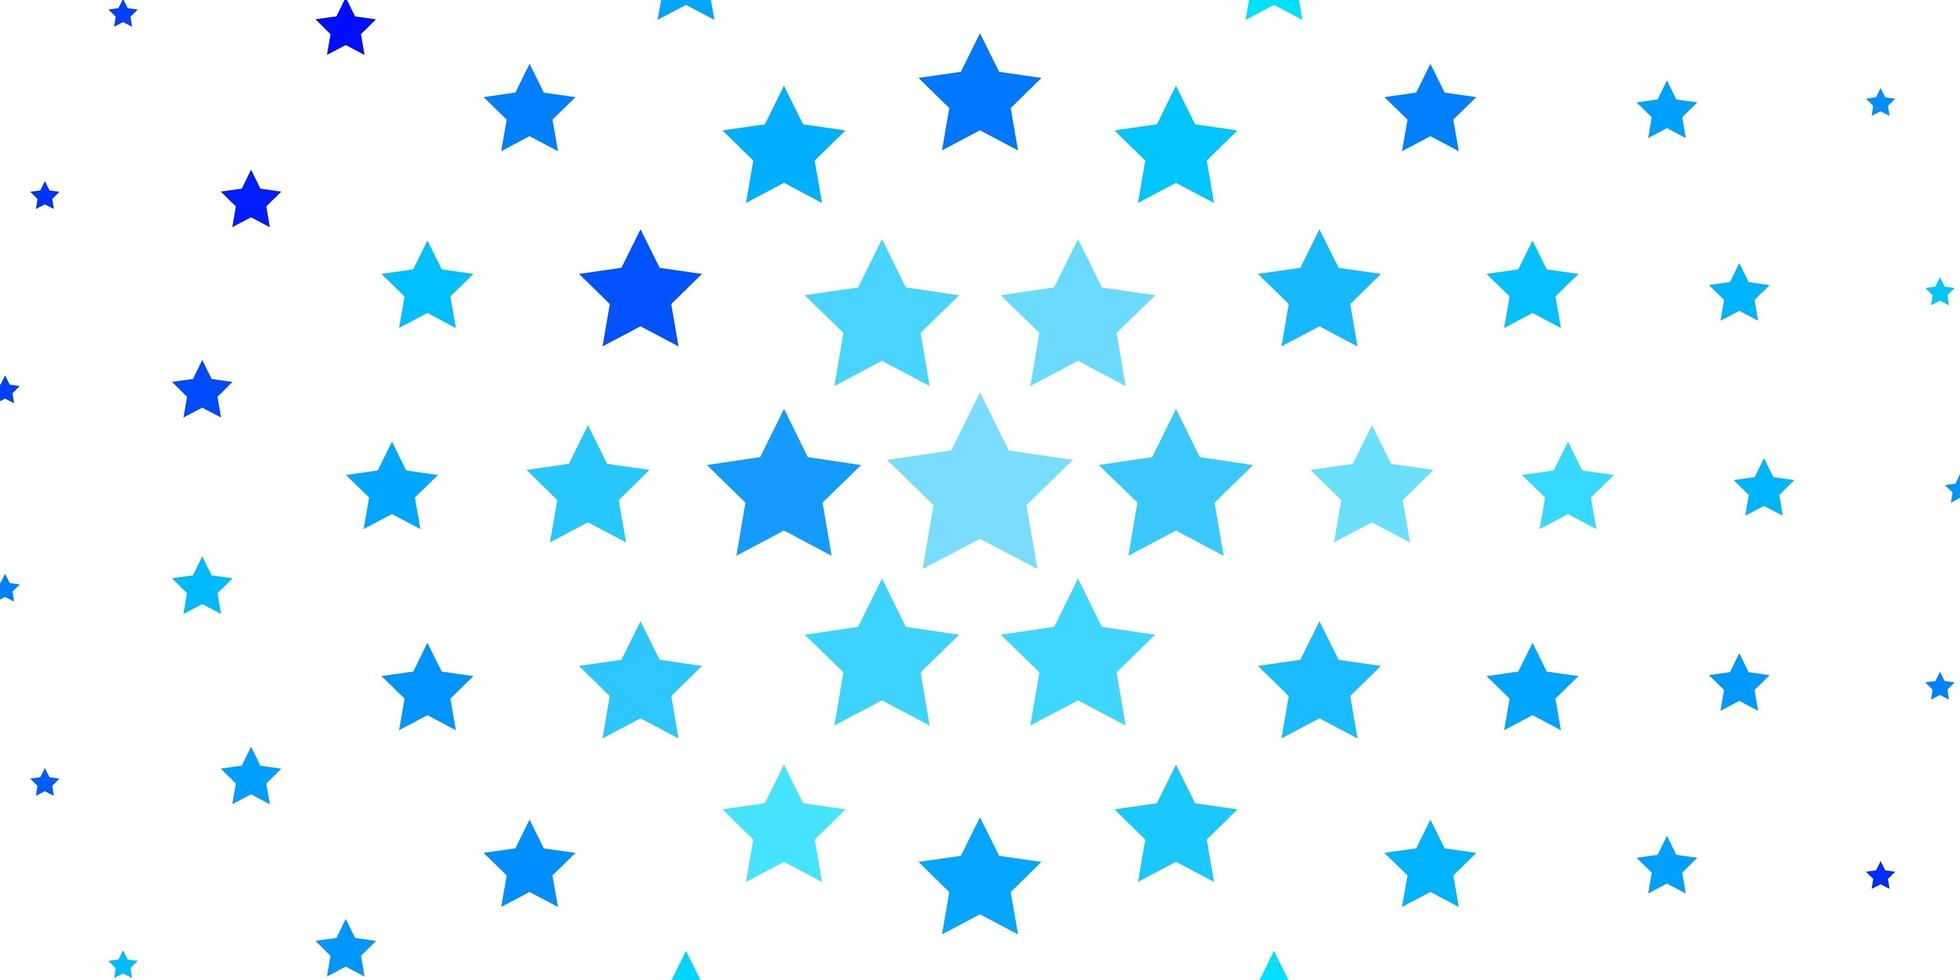 lichtblauwe vectorlay-out met heldere sterren. vector